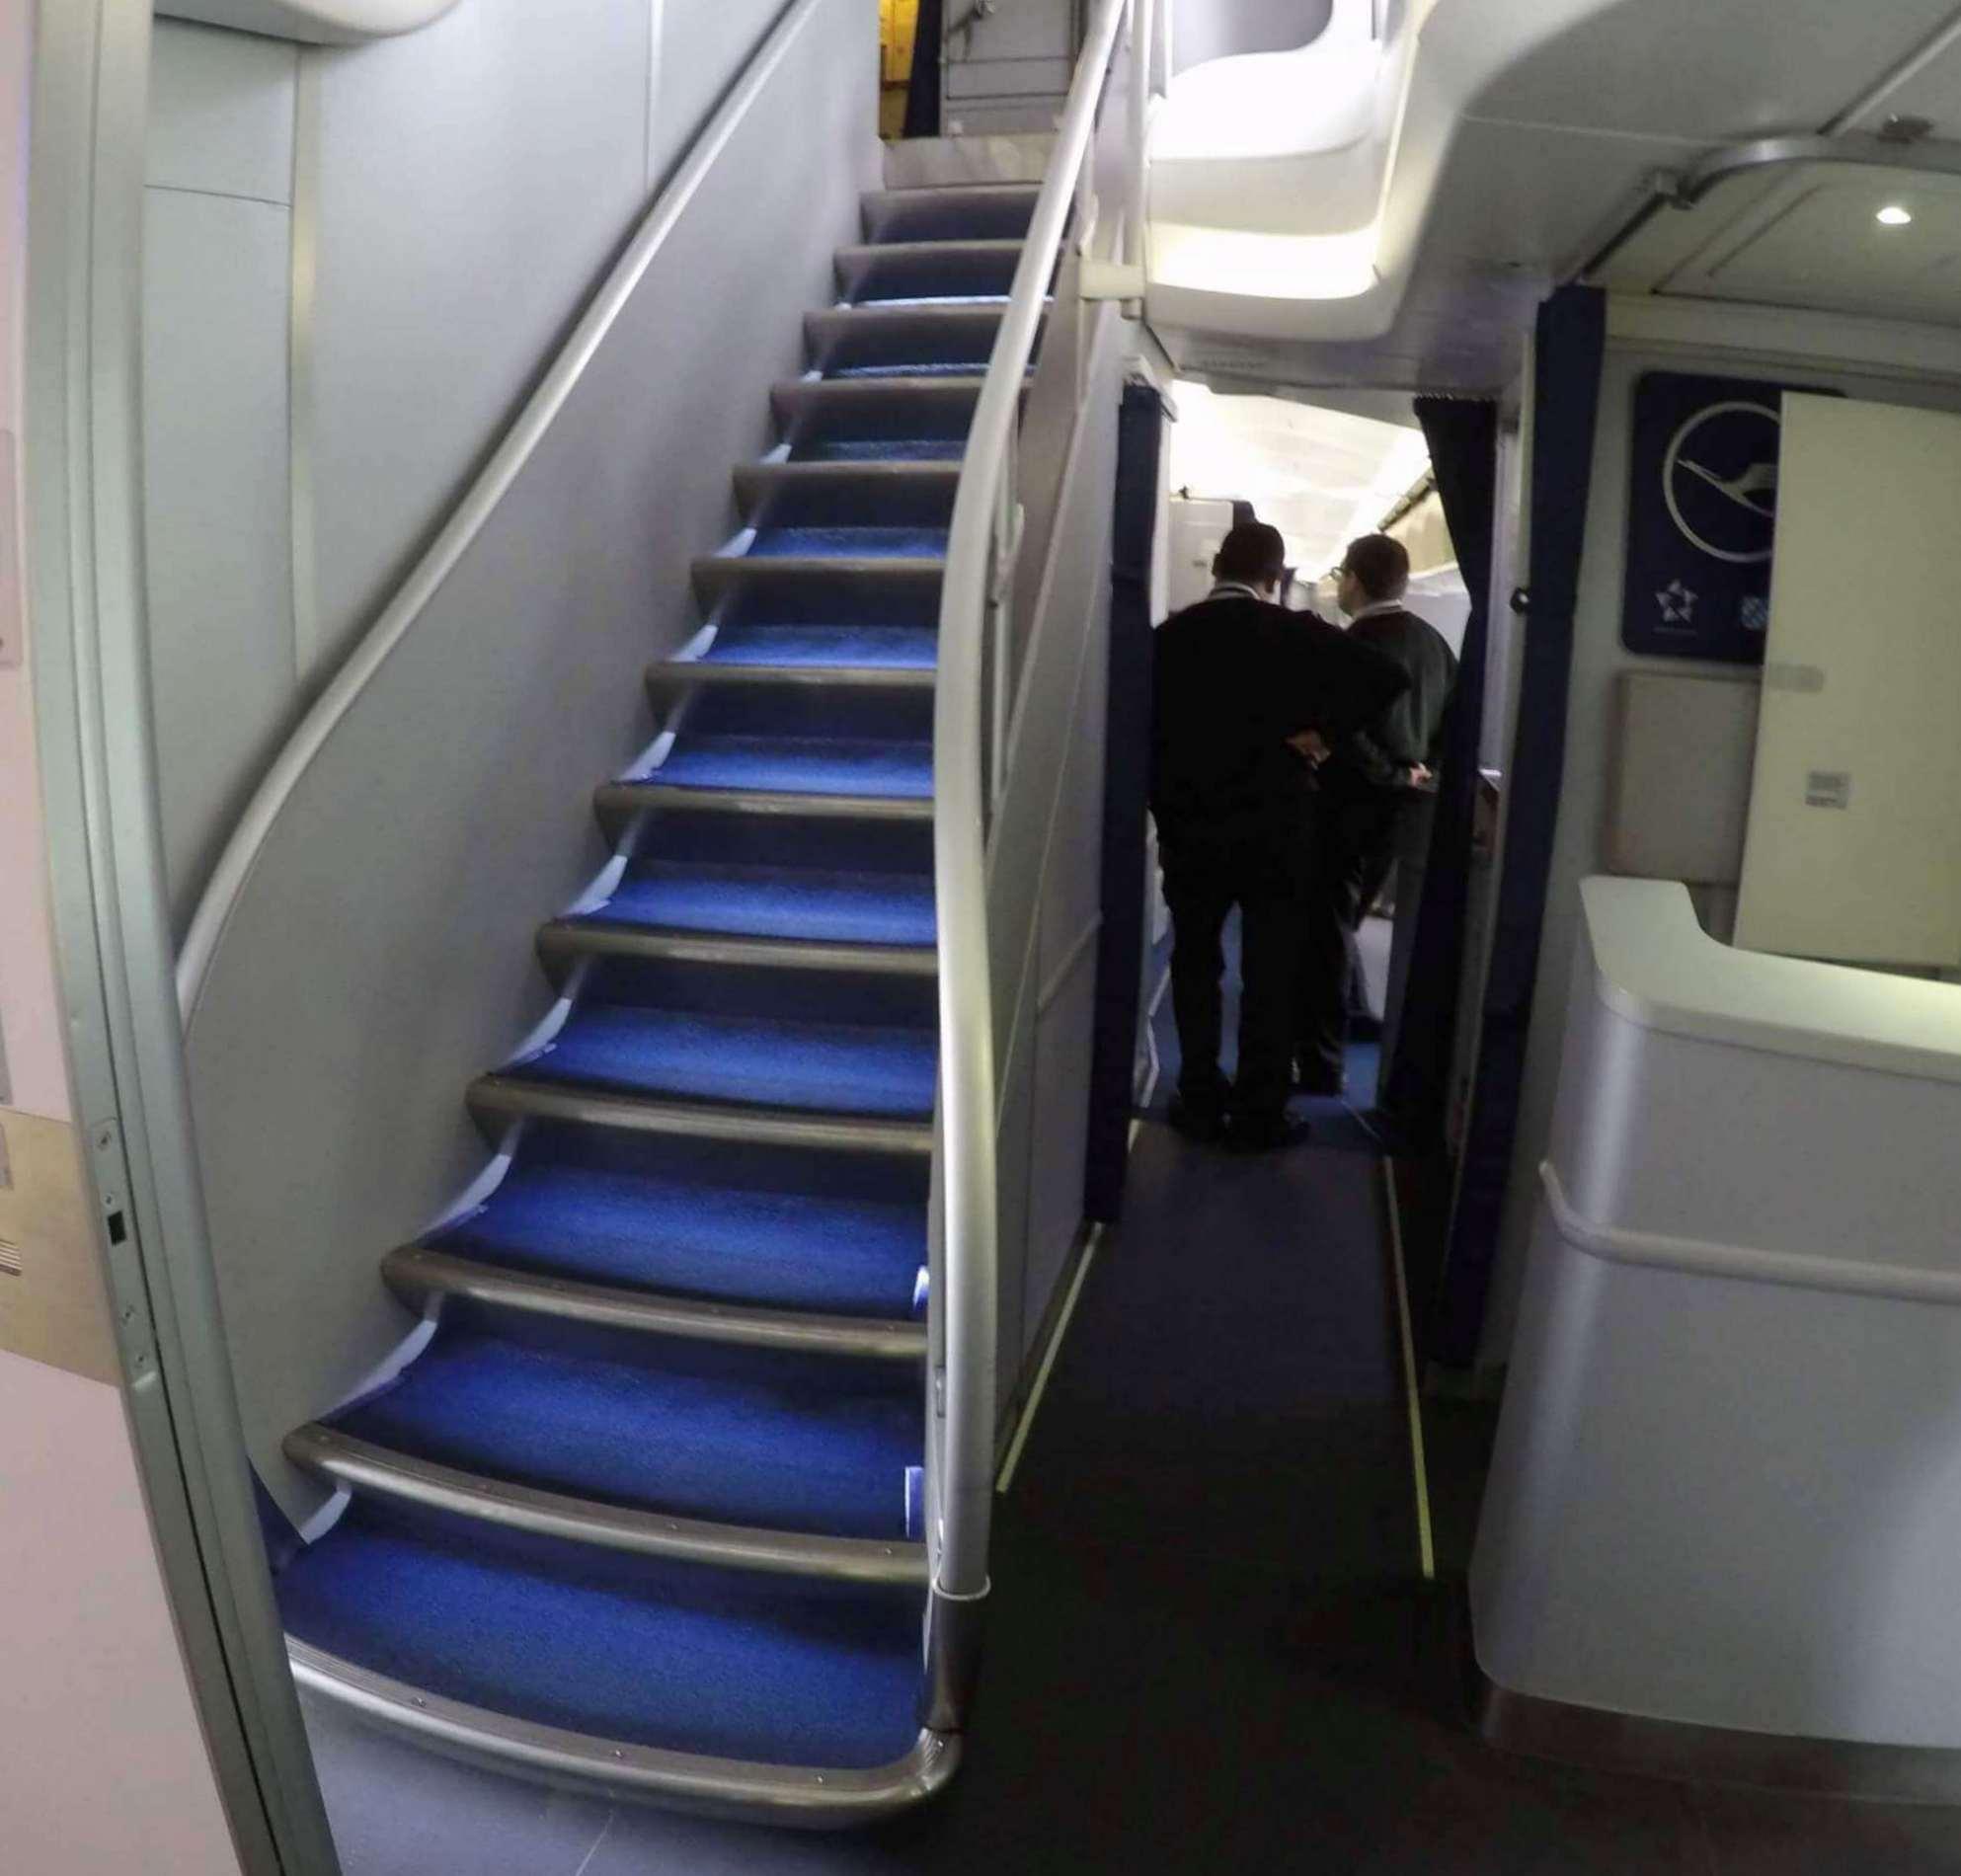 Escaleras hacia el upper deck